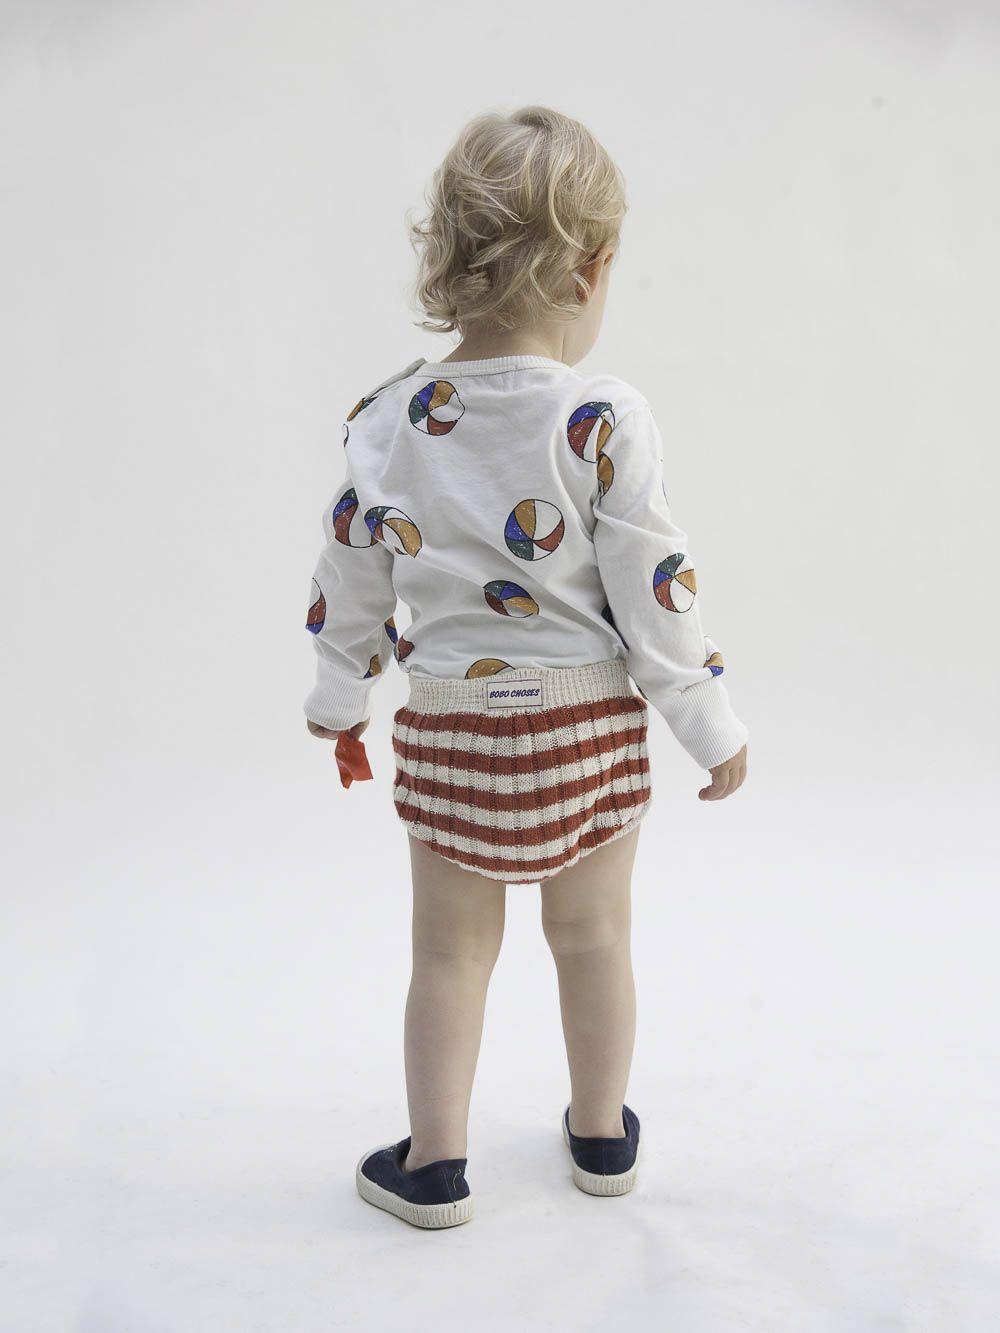 Kinderkleding Nederland.Bobo Choses 2017 Kinderkleding Winkel Nederland 31 Press